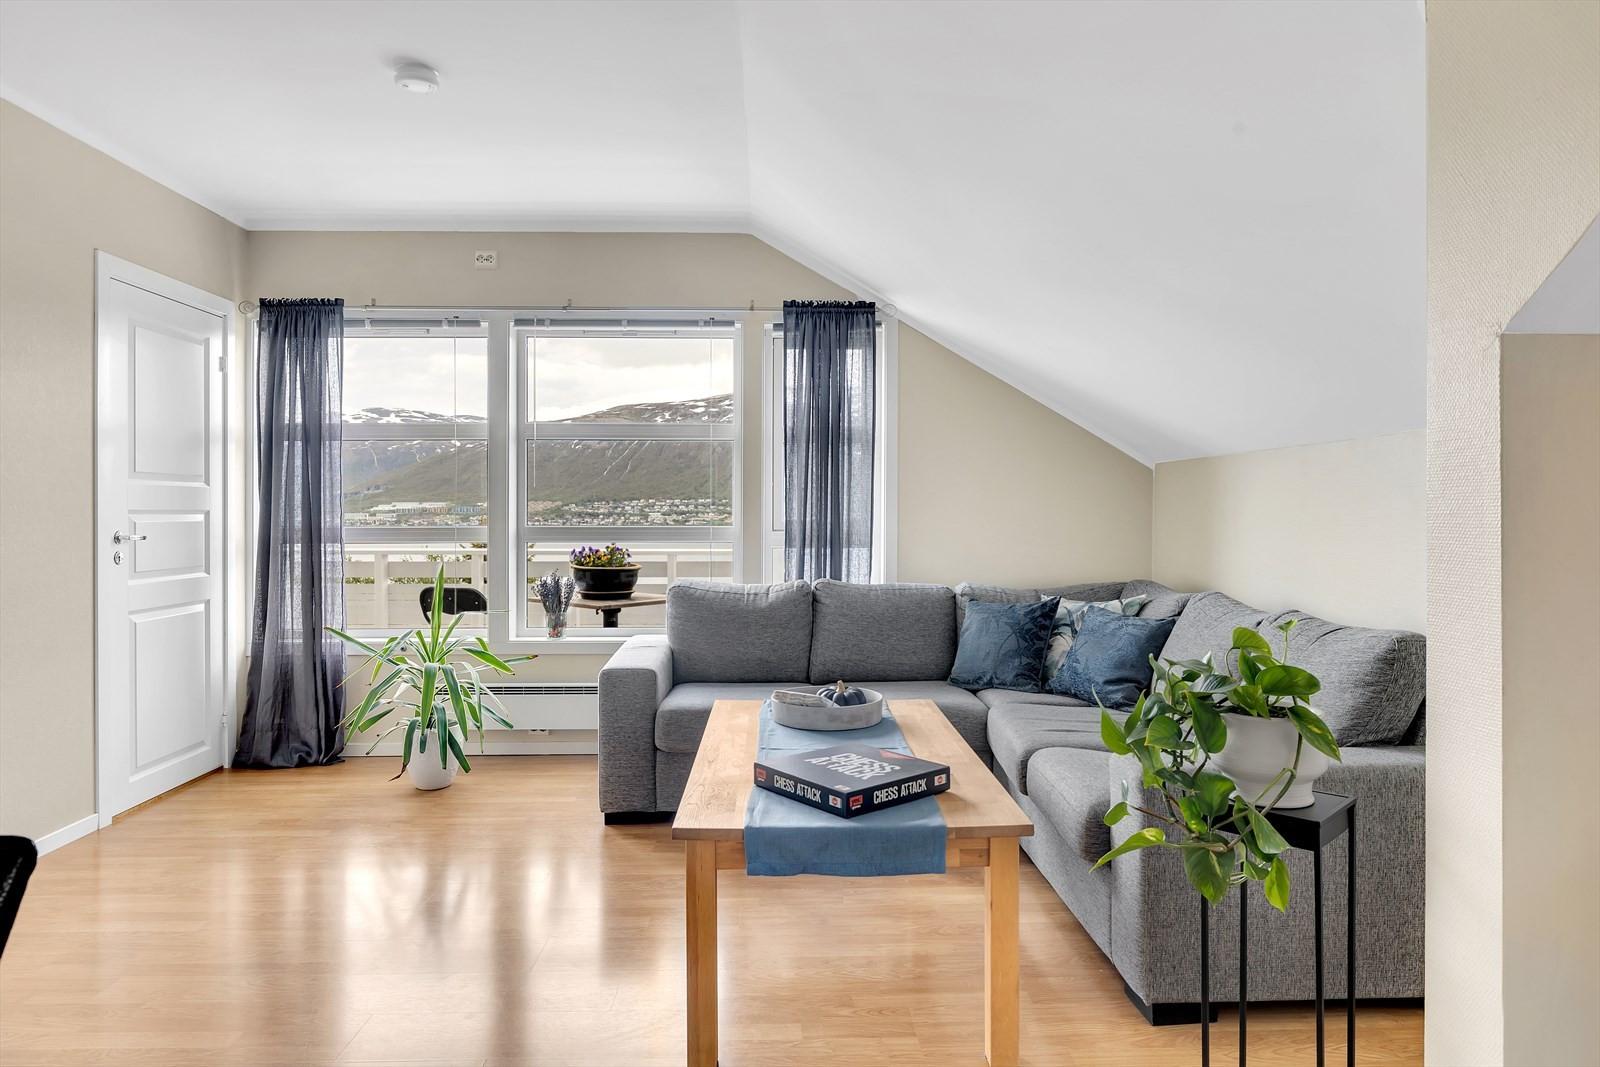 Dør til soverom - opprinnelig stue er delt av til soverom - lettvegg kan enkelt fjernes